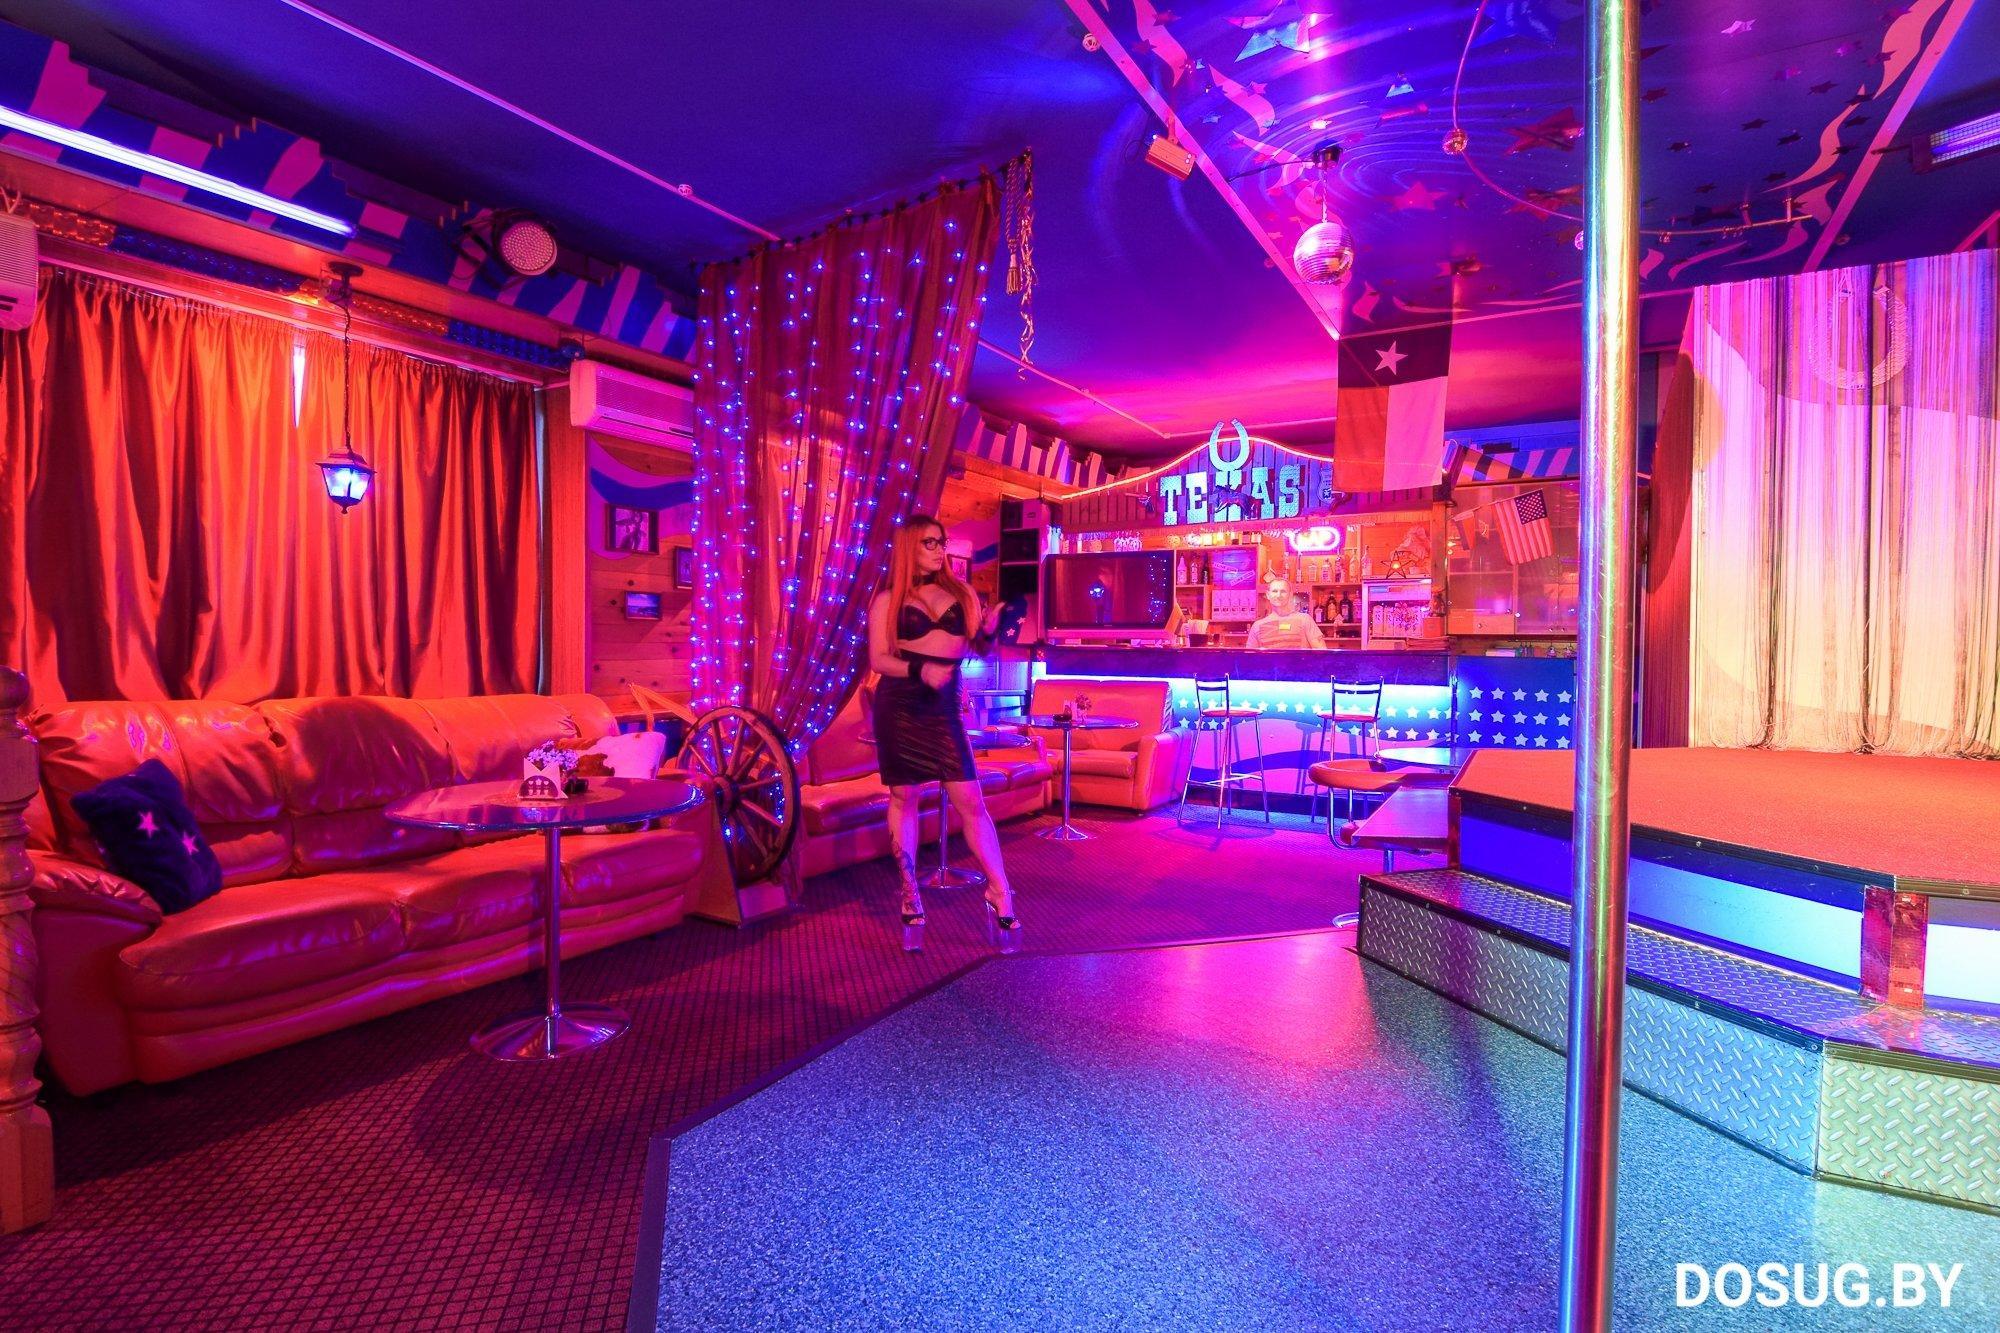 Ночные клубы вакансии минск закрытые клубы для свингеров в москве